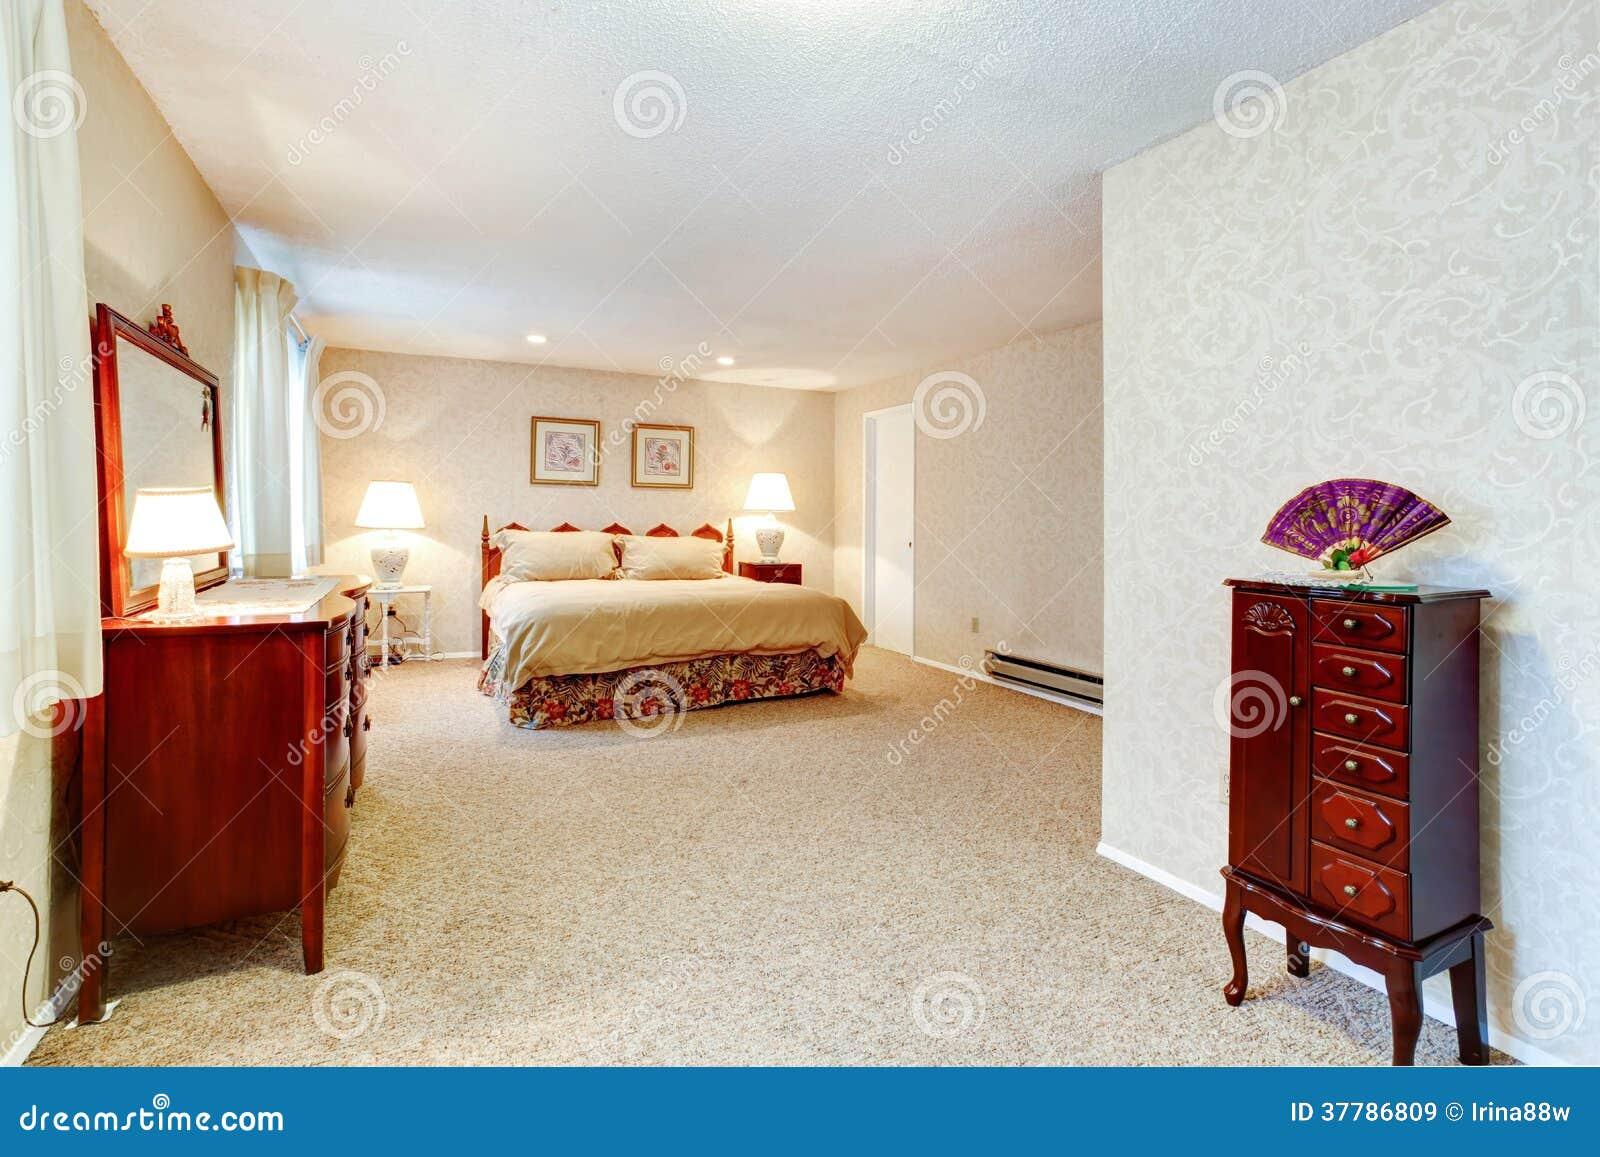 Dormitorio suave de los colores con muebles antiguos for Muebles de dormitorio antiguos